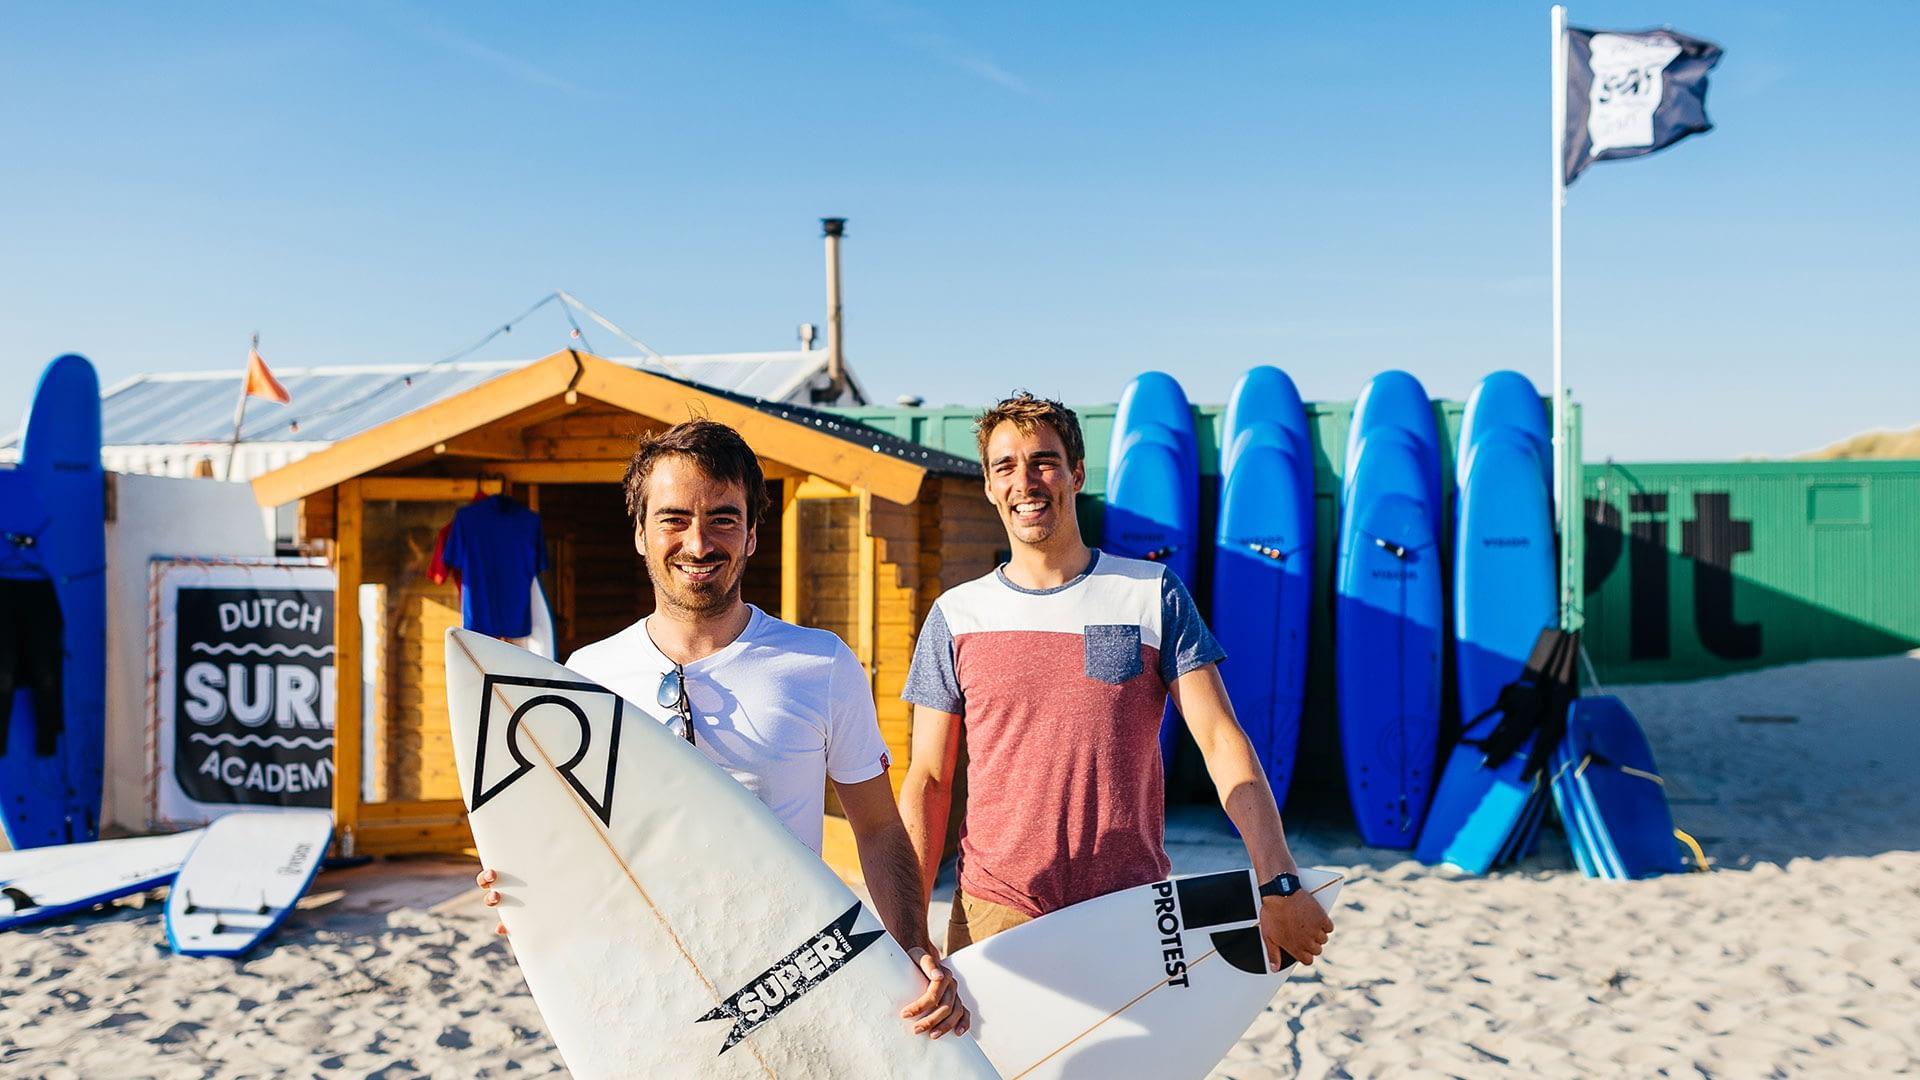 eigenaren Kaspar Hamminga & Erik Ringelberg op de foto met surfplanken in de hand voor hun surfschool Dutch Surf Academy op het strand in het Westland